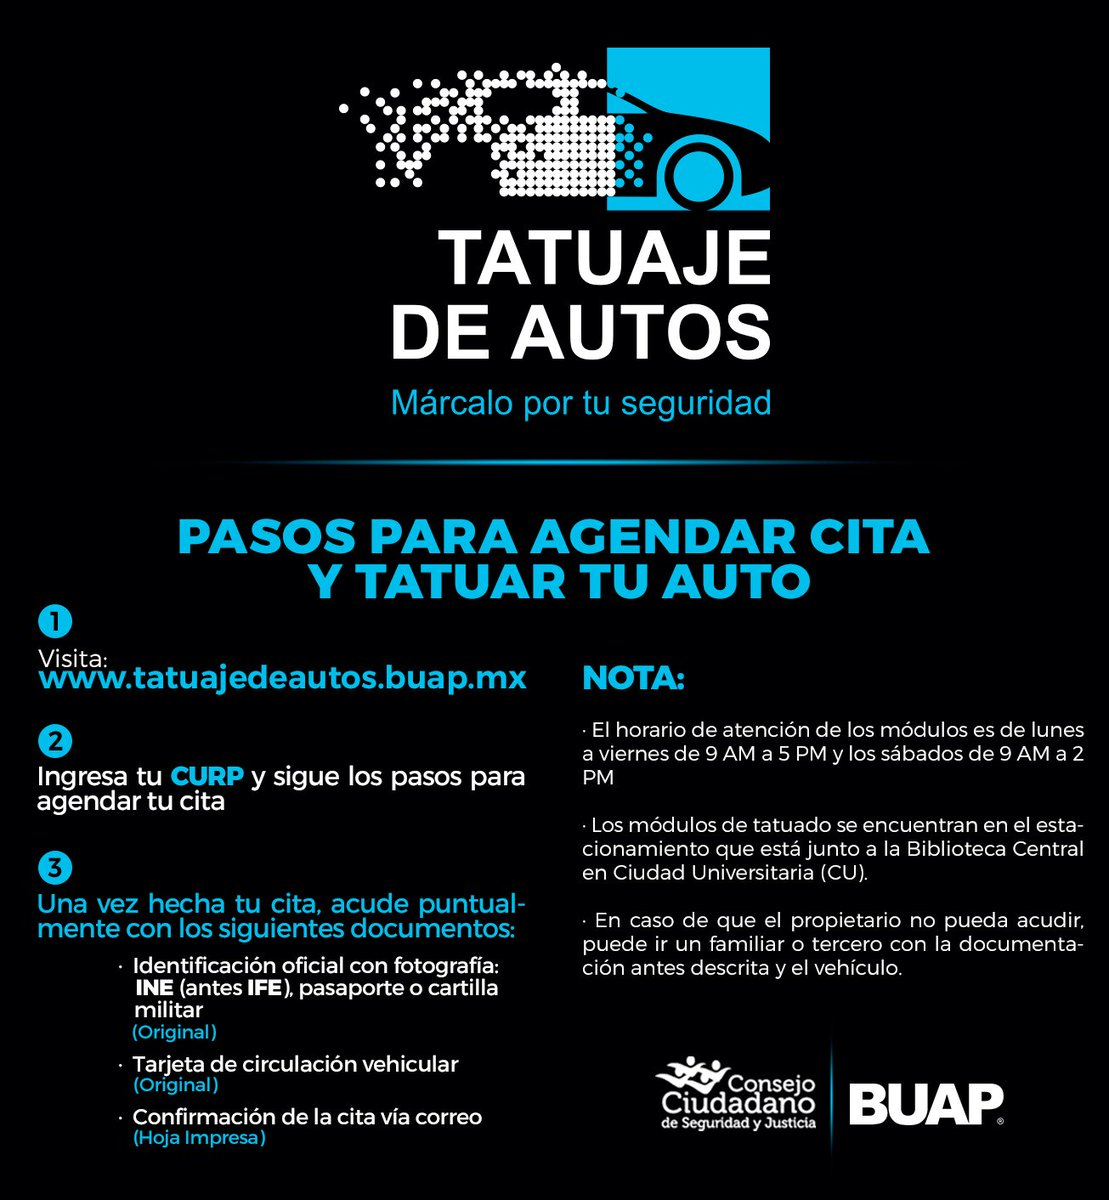 η Tatuajedeautos ετικέτα στο Twitter